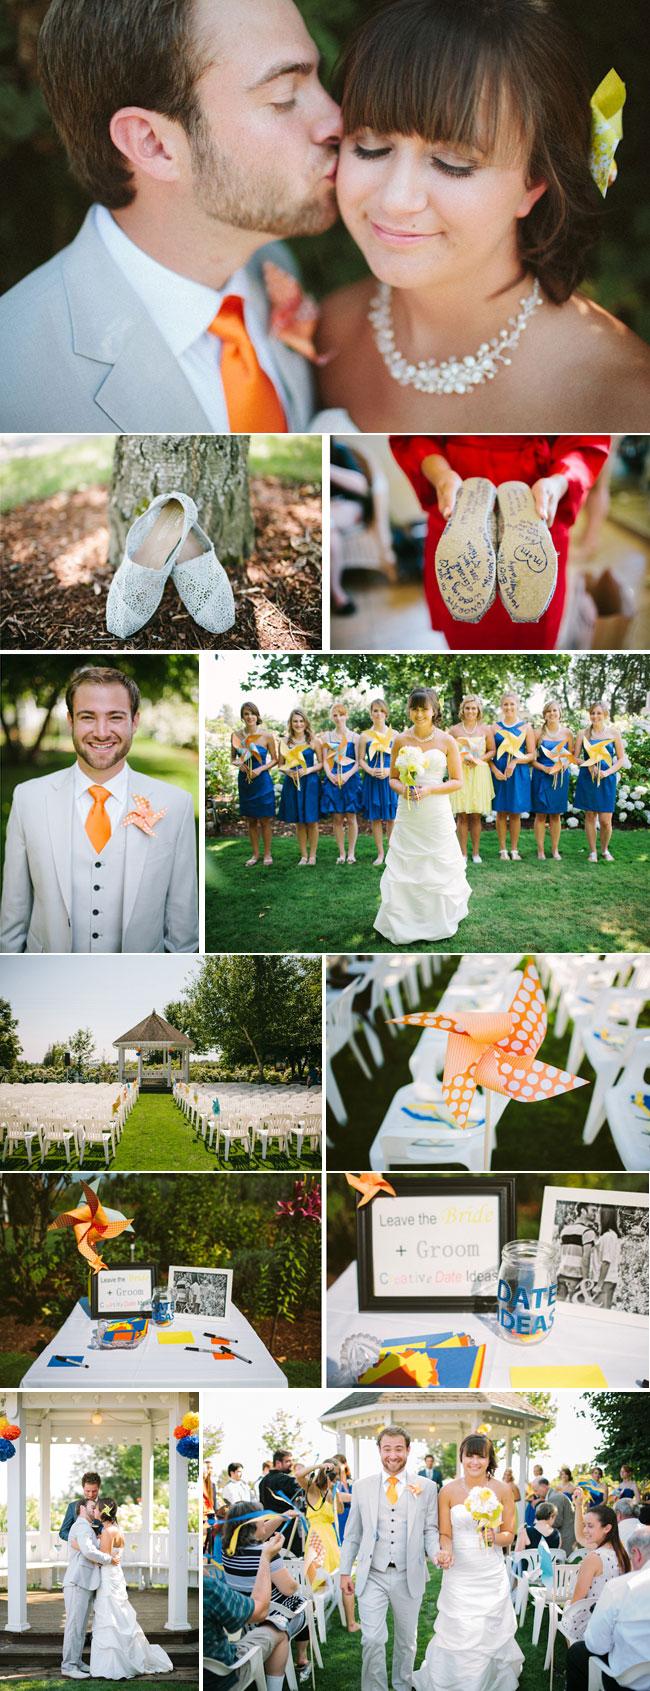 wedding at green villa gardens: bride's shoes, bridesmaids in blue, pinwheels and groom in orange tie